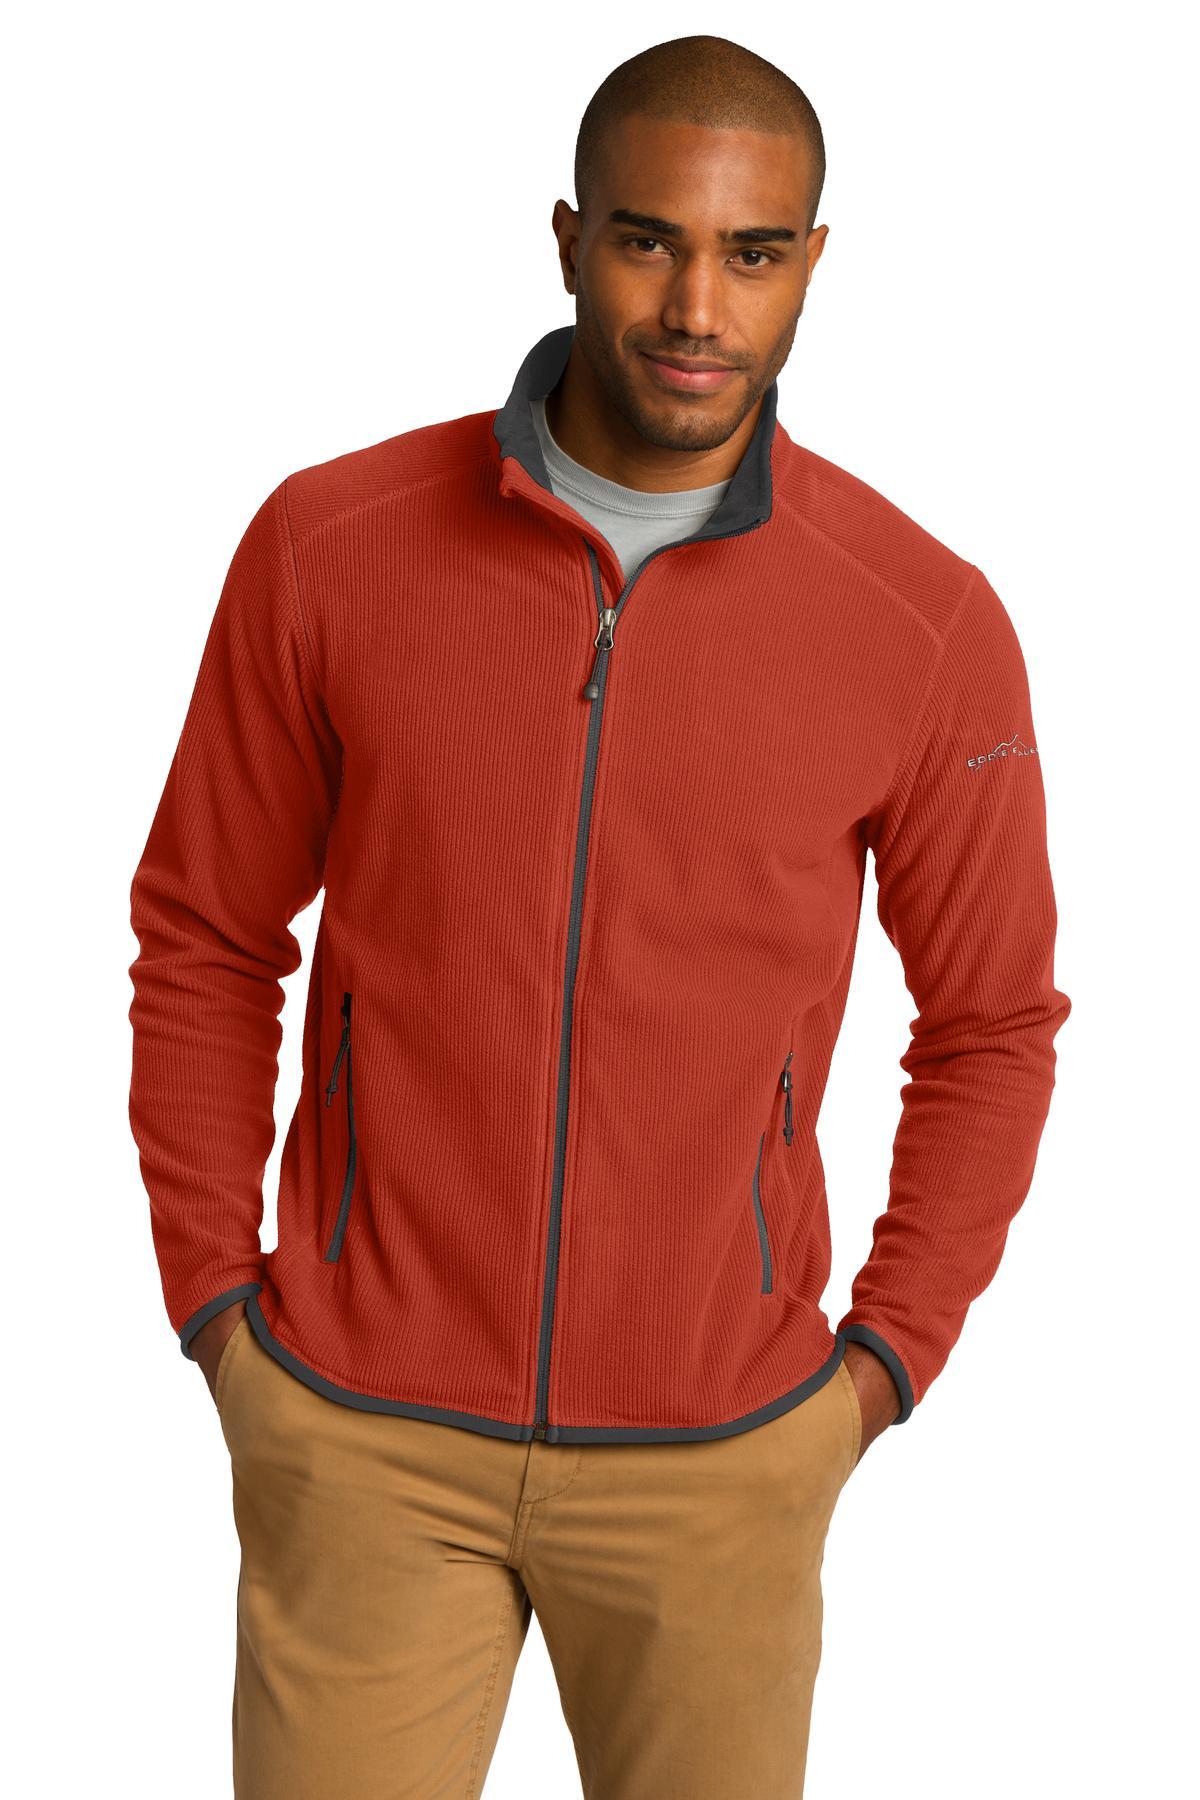 Outerwear-Polyester-Fleece-12